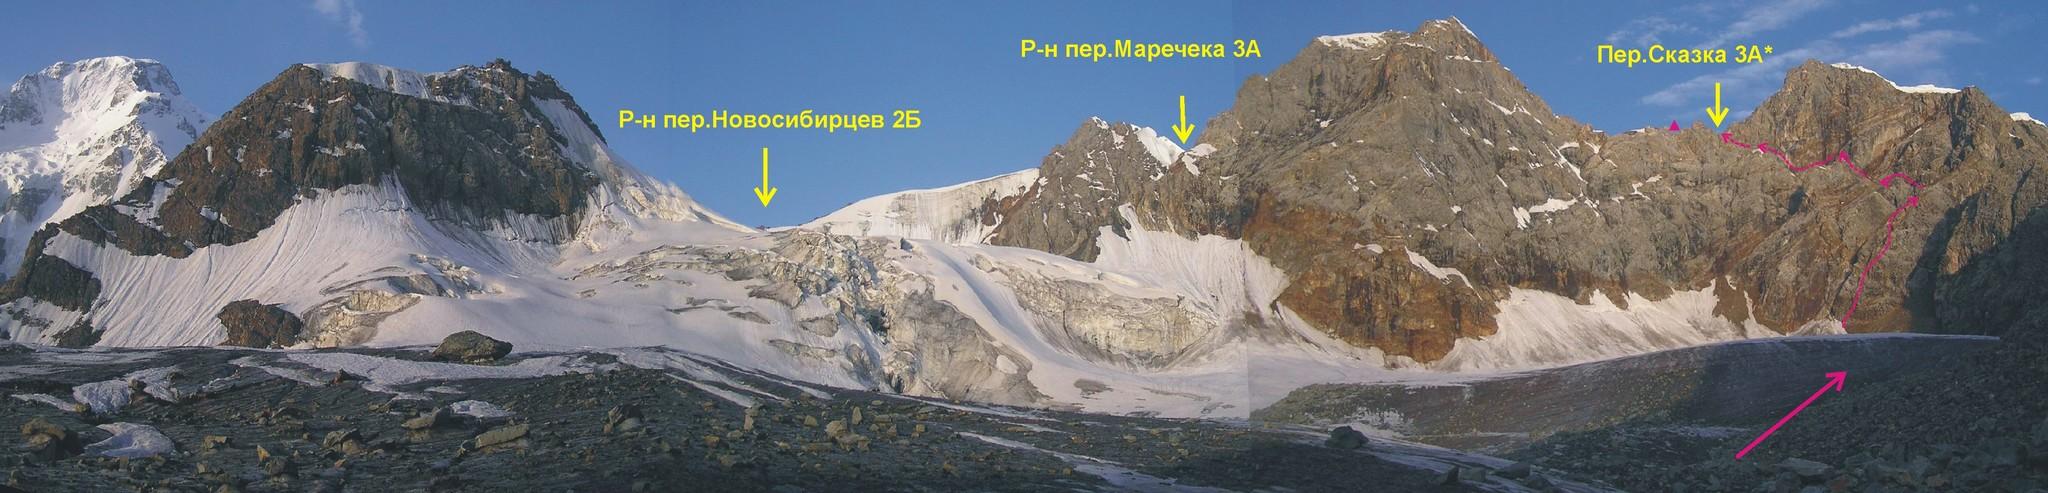 Отчет о горном походе 6 к.с по Ц.Тянь-Шаню (лето 2006год).Часть2.